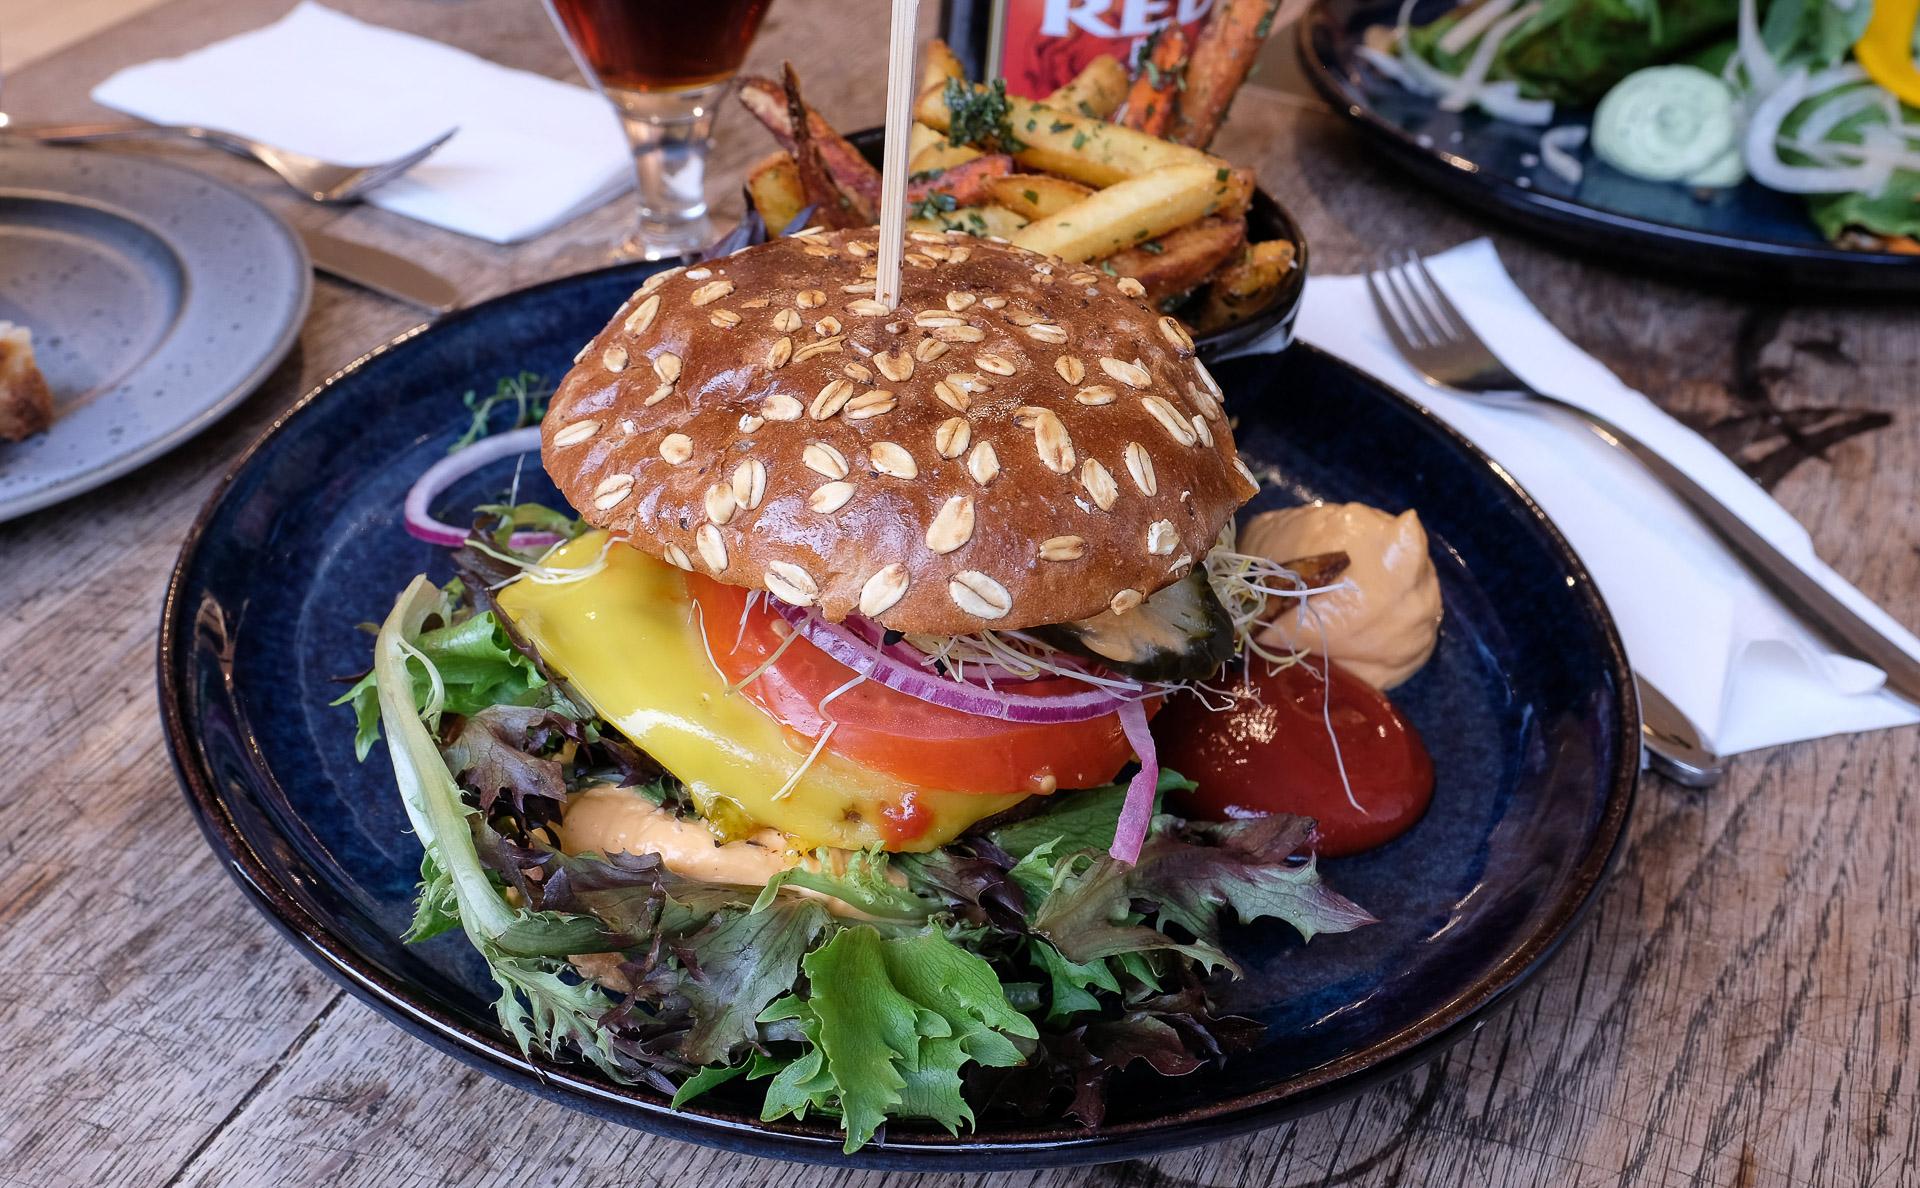 Anmeldelse af Greenilicious: Overraskende god, sund og grøn mad